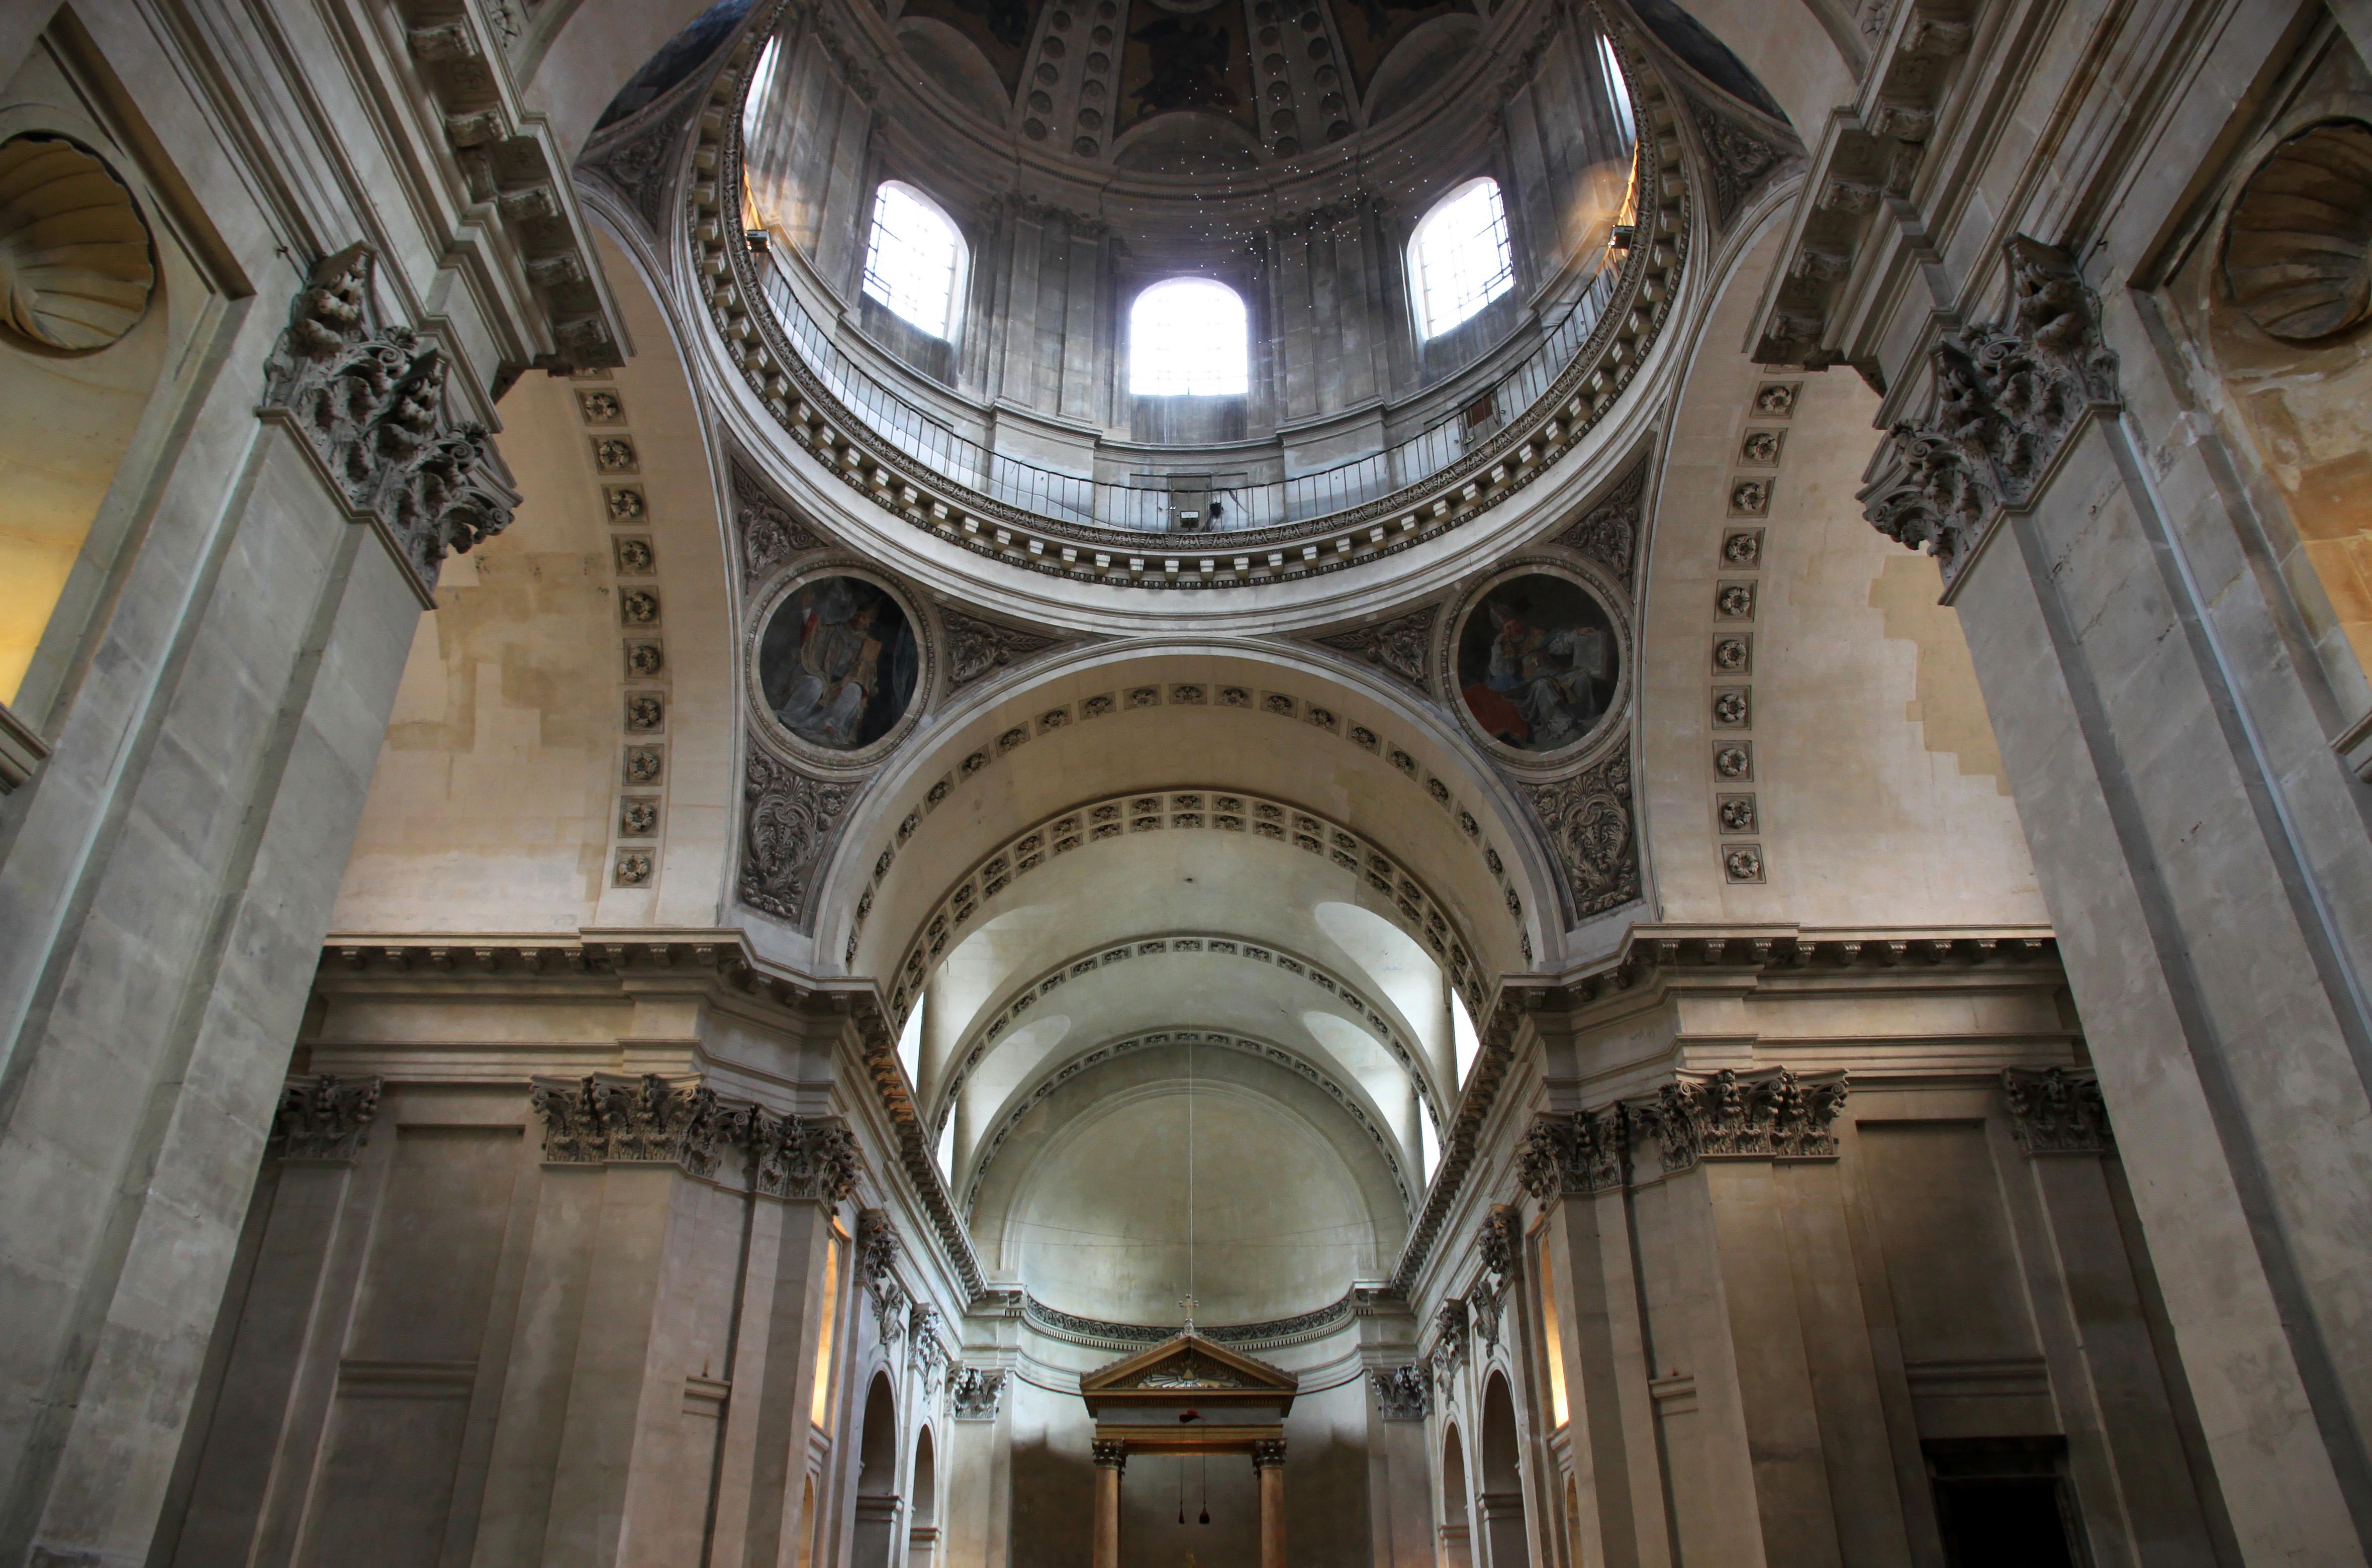 chapelle de la sorbonne. File:Chapelle De La Sorbonne Interior.jpg Chapelle V